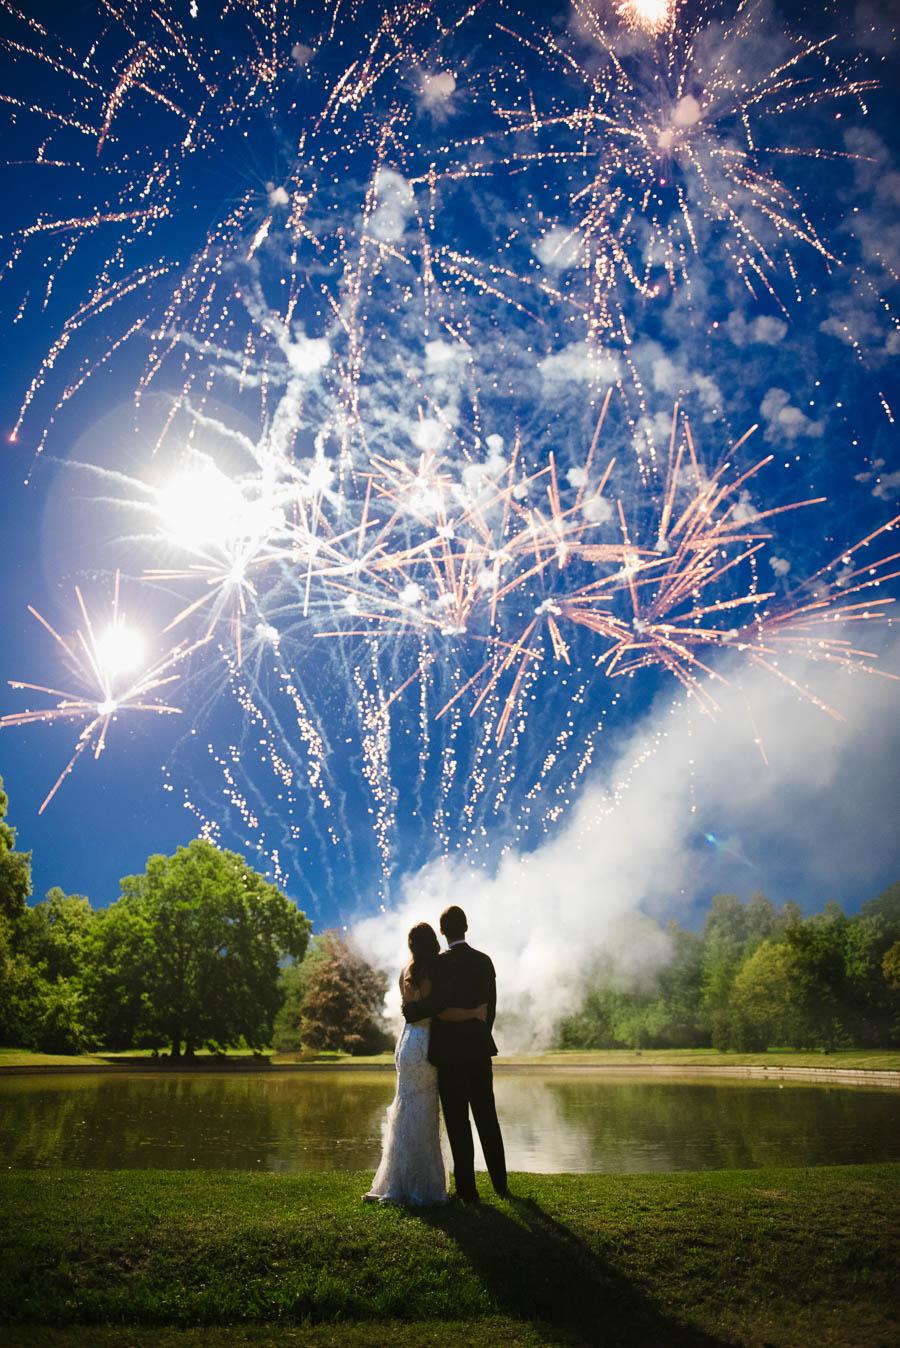 sztuczne ognie naślubie